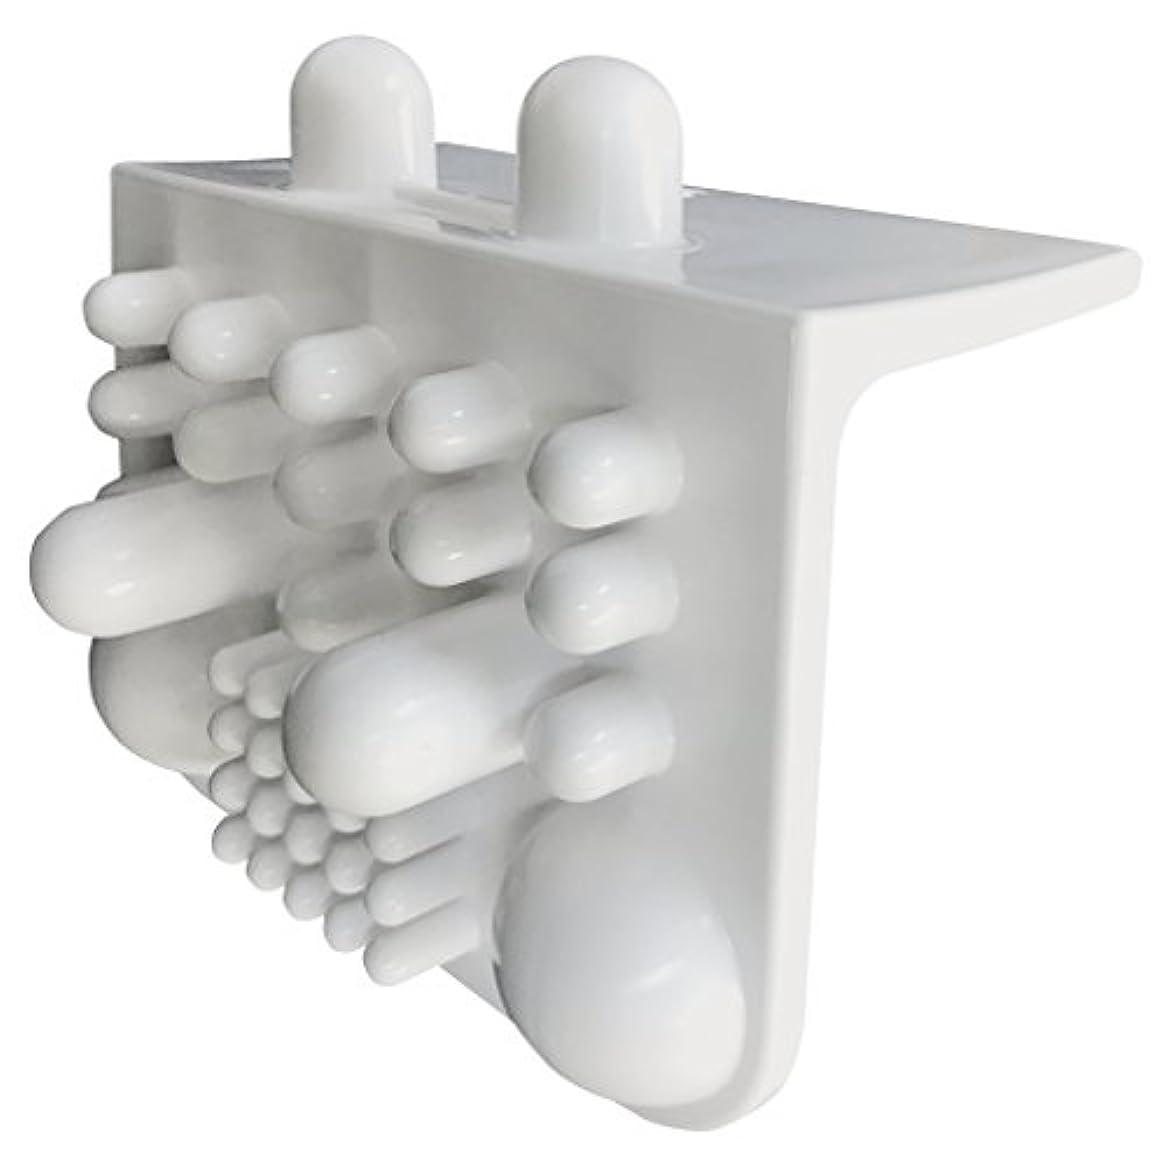 インタビュー高層ビルブームバスキュート ホワイト